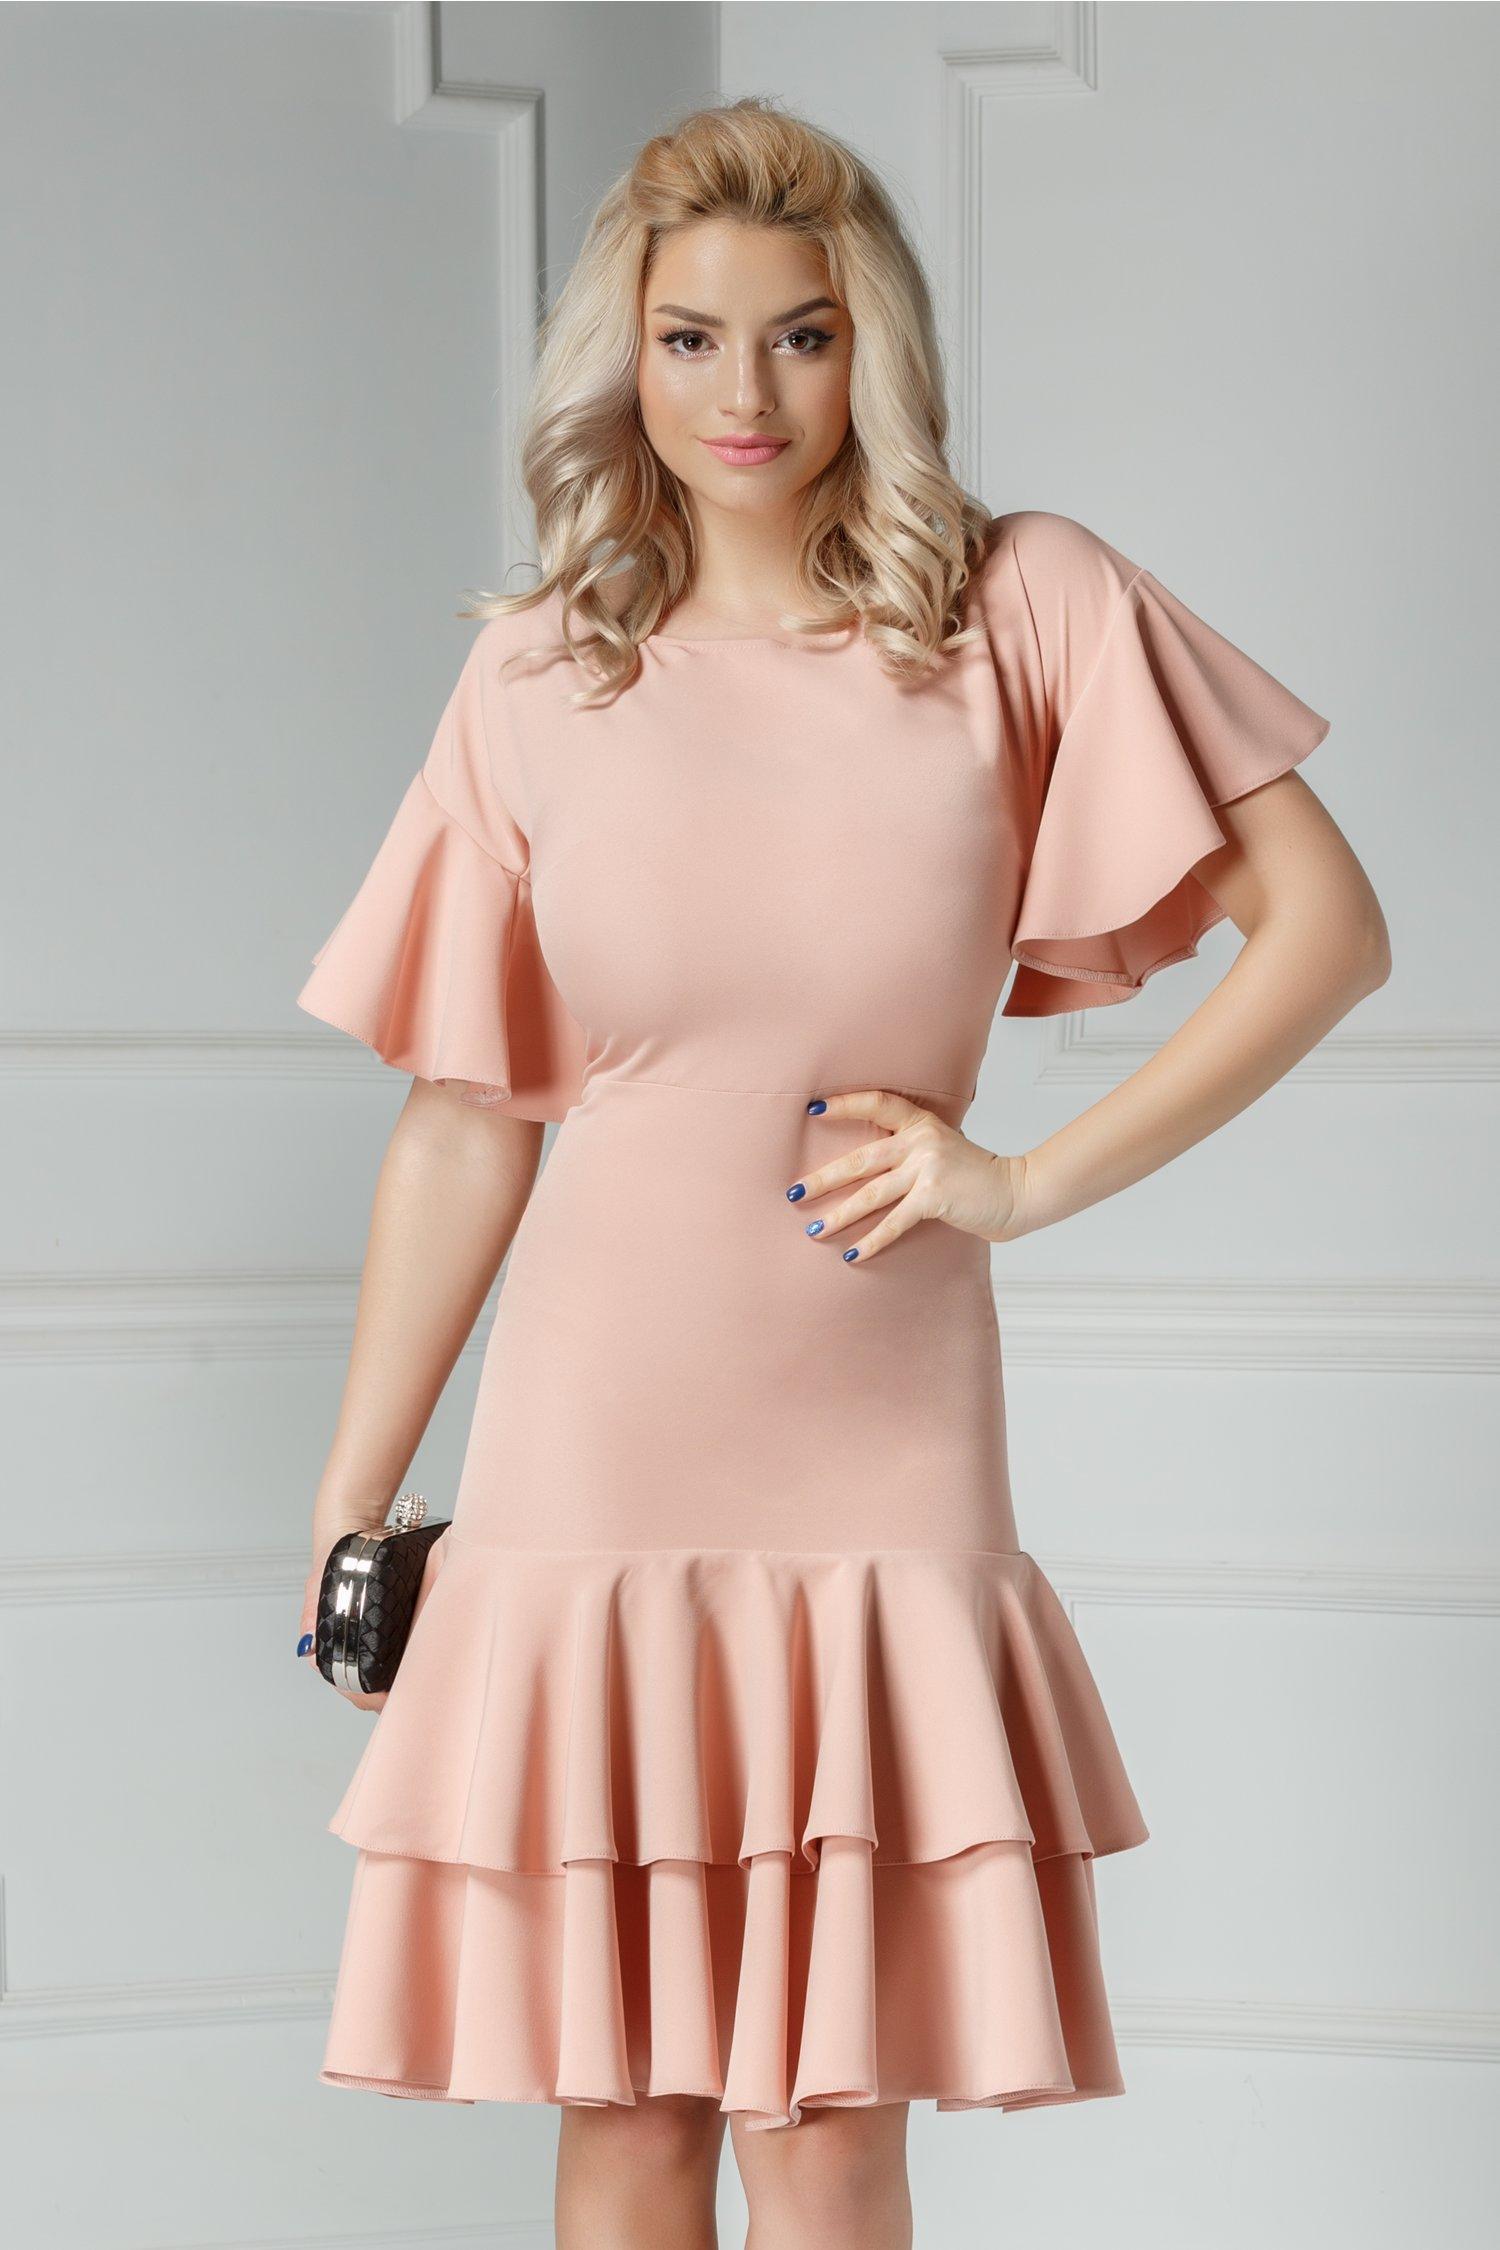 Rochie Brise Oleana roz pudra cu volanase